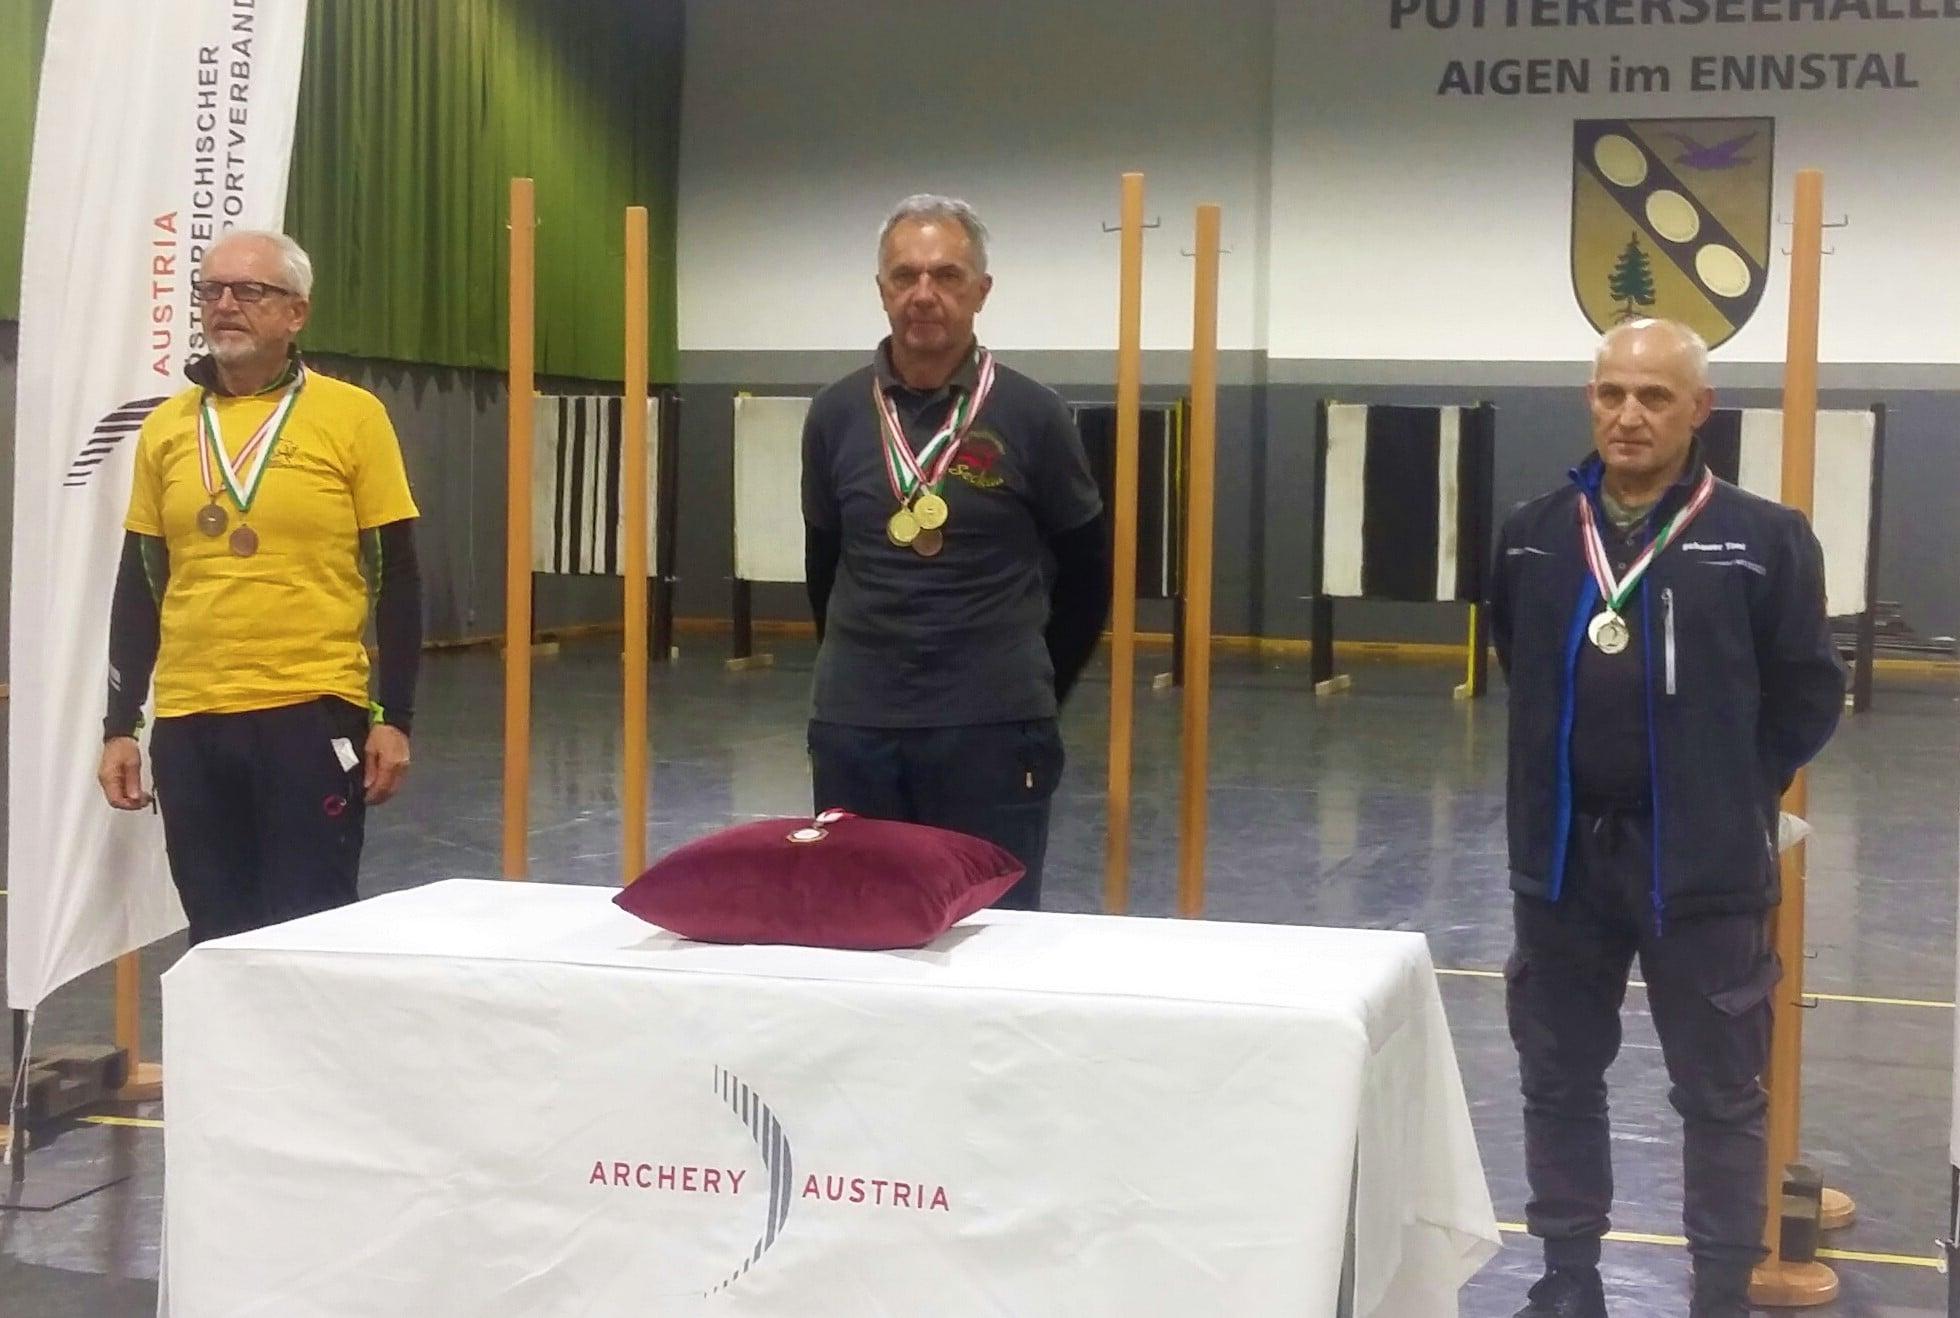 Fritz Kranz, Bogensportverein Seckau, Gold bei der Österreichischen Meisterschaft IFAA 2021